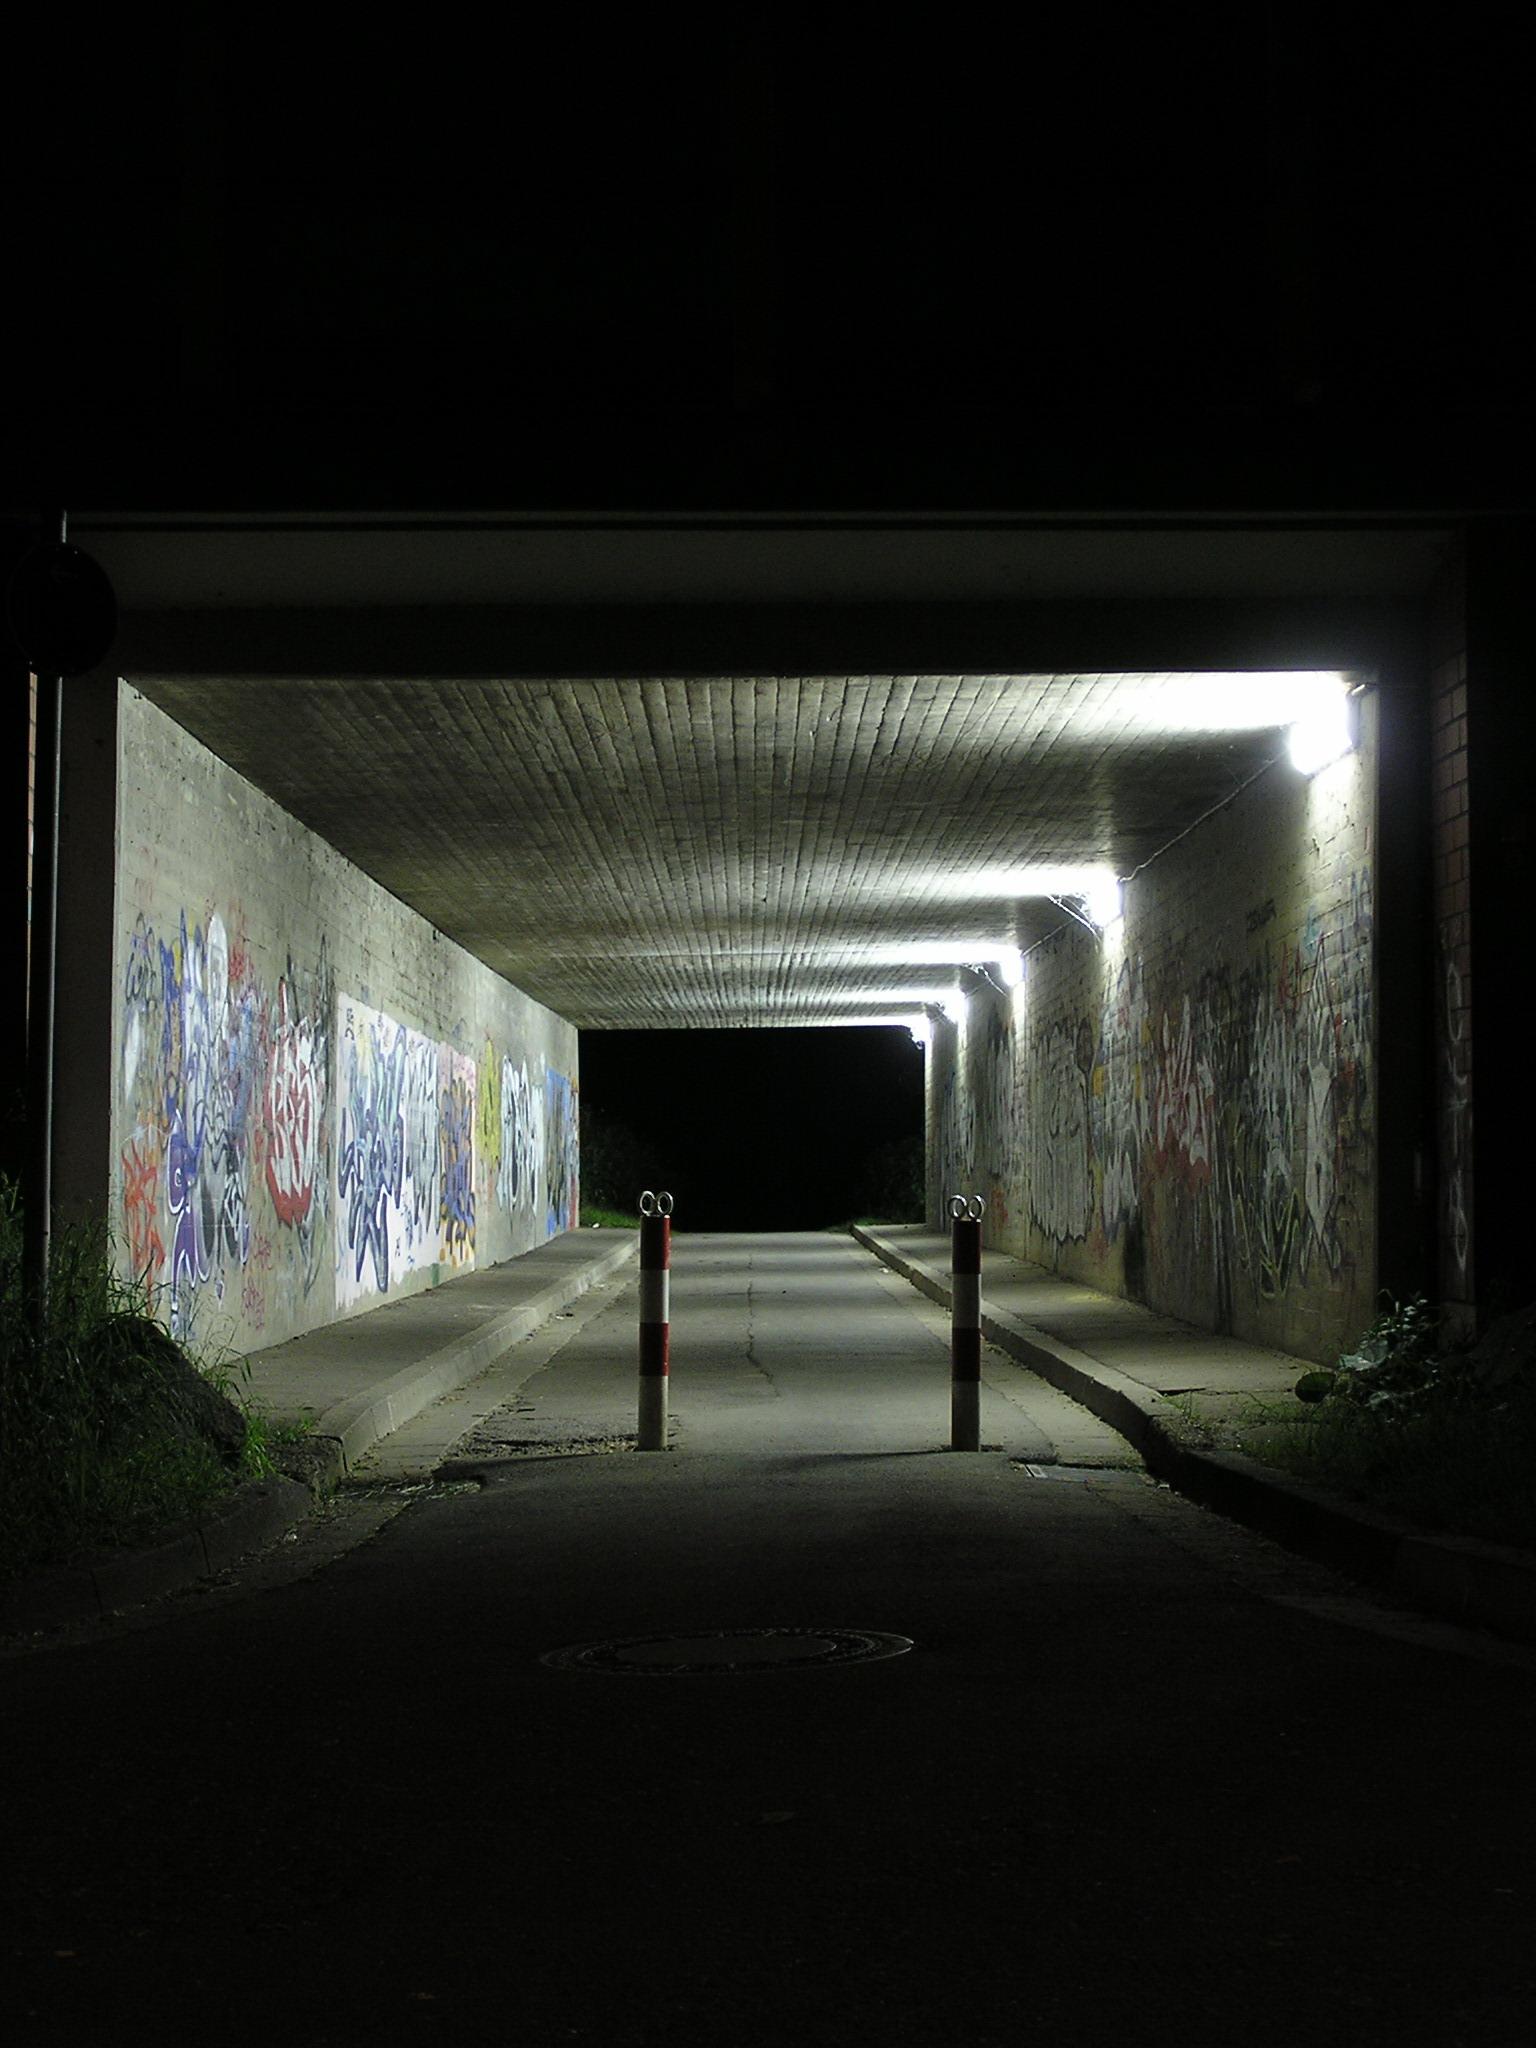 Nachtbild 001: Unterführung